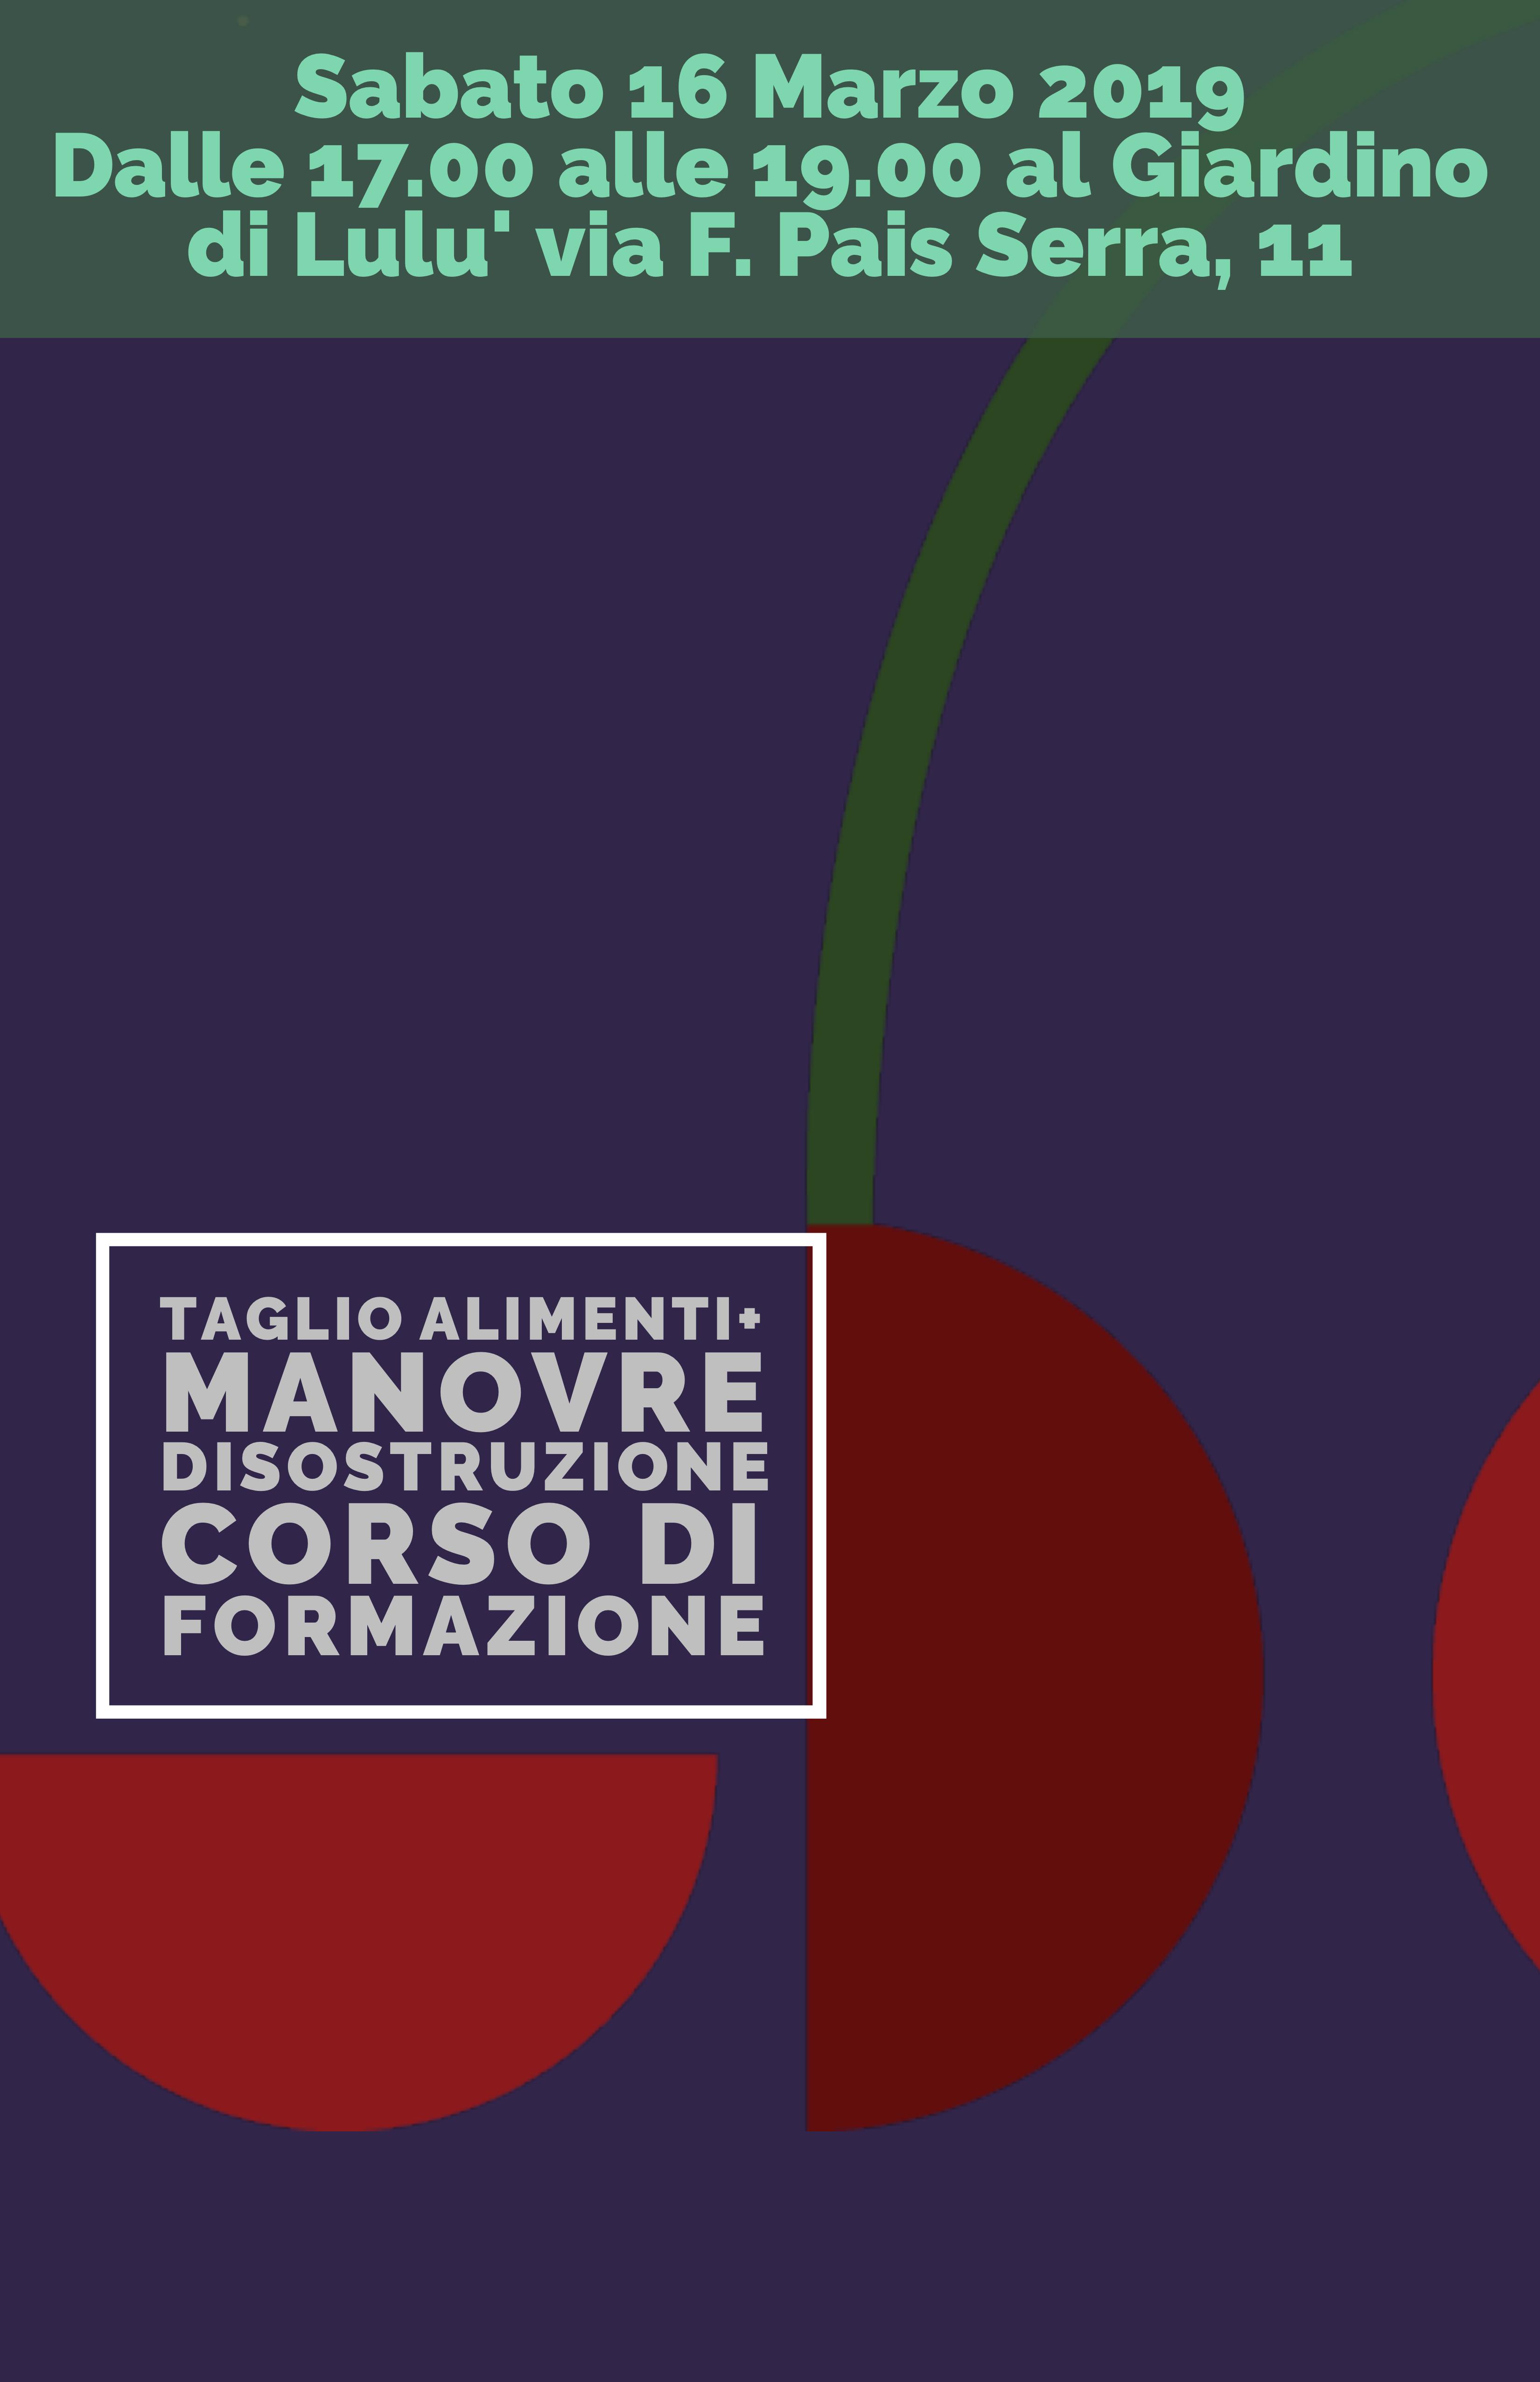 seguilbattito-aps-corso-formazione-roma-disostruzione-taglio-cibi-16-marzo-2019_copy